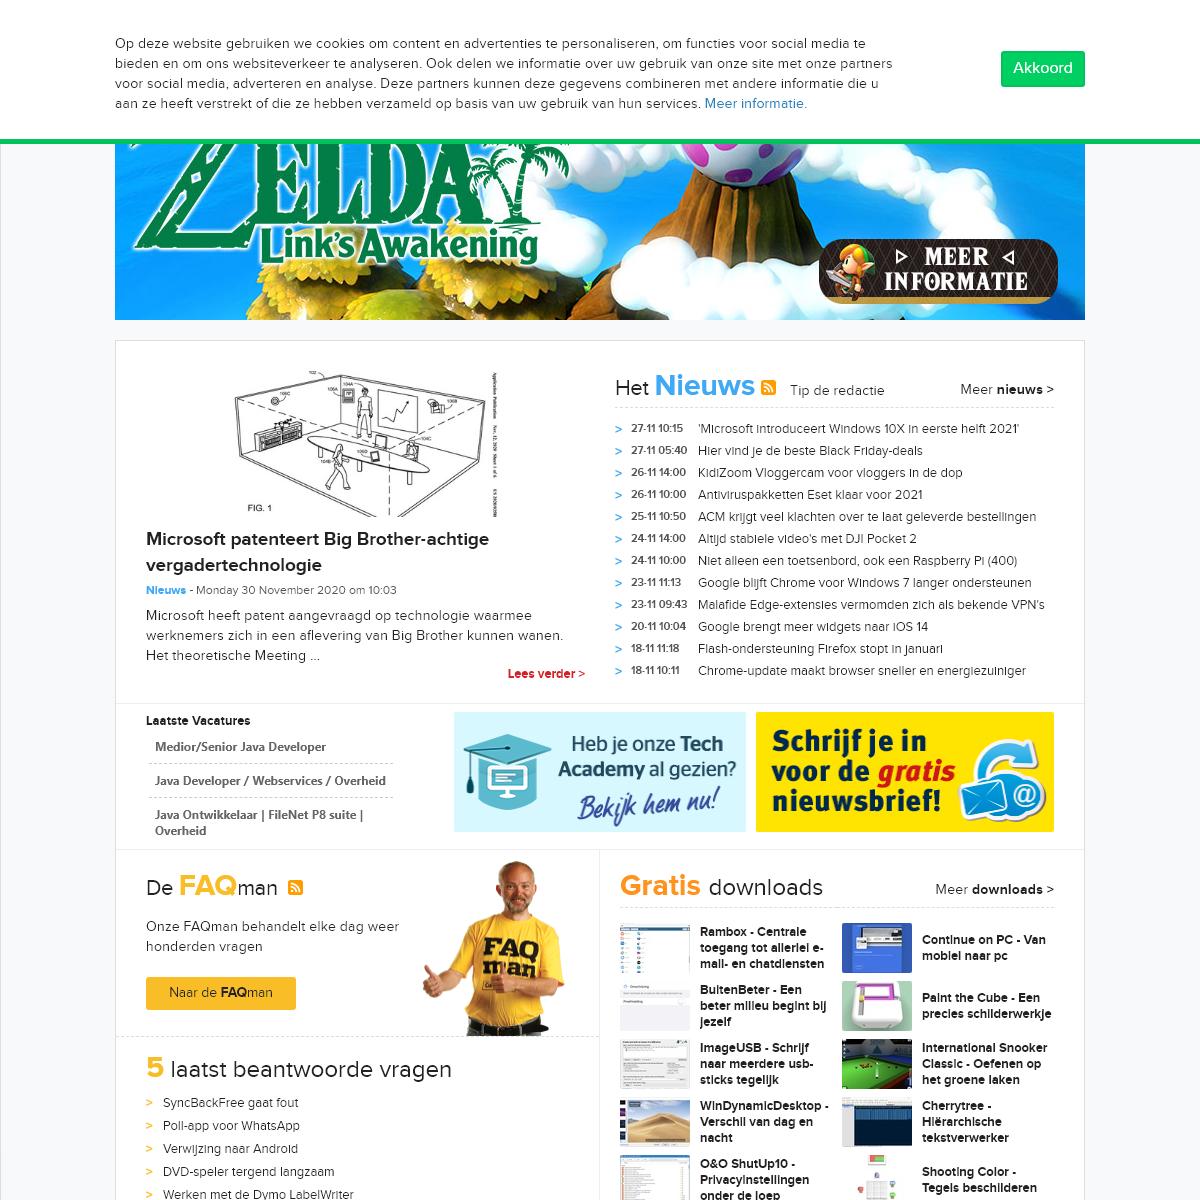 Computer Idee - Dagelijks computer nieuws, tips en trucs en gratis downloads